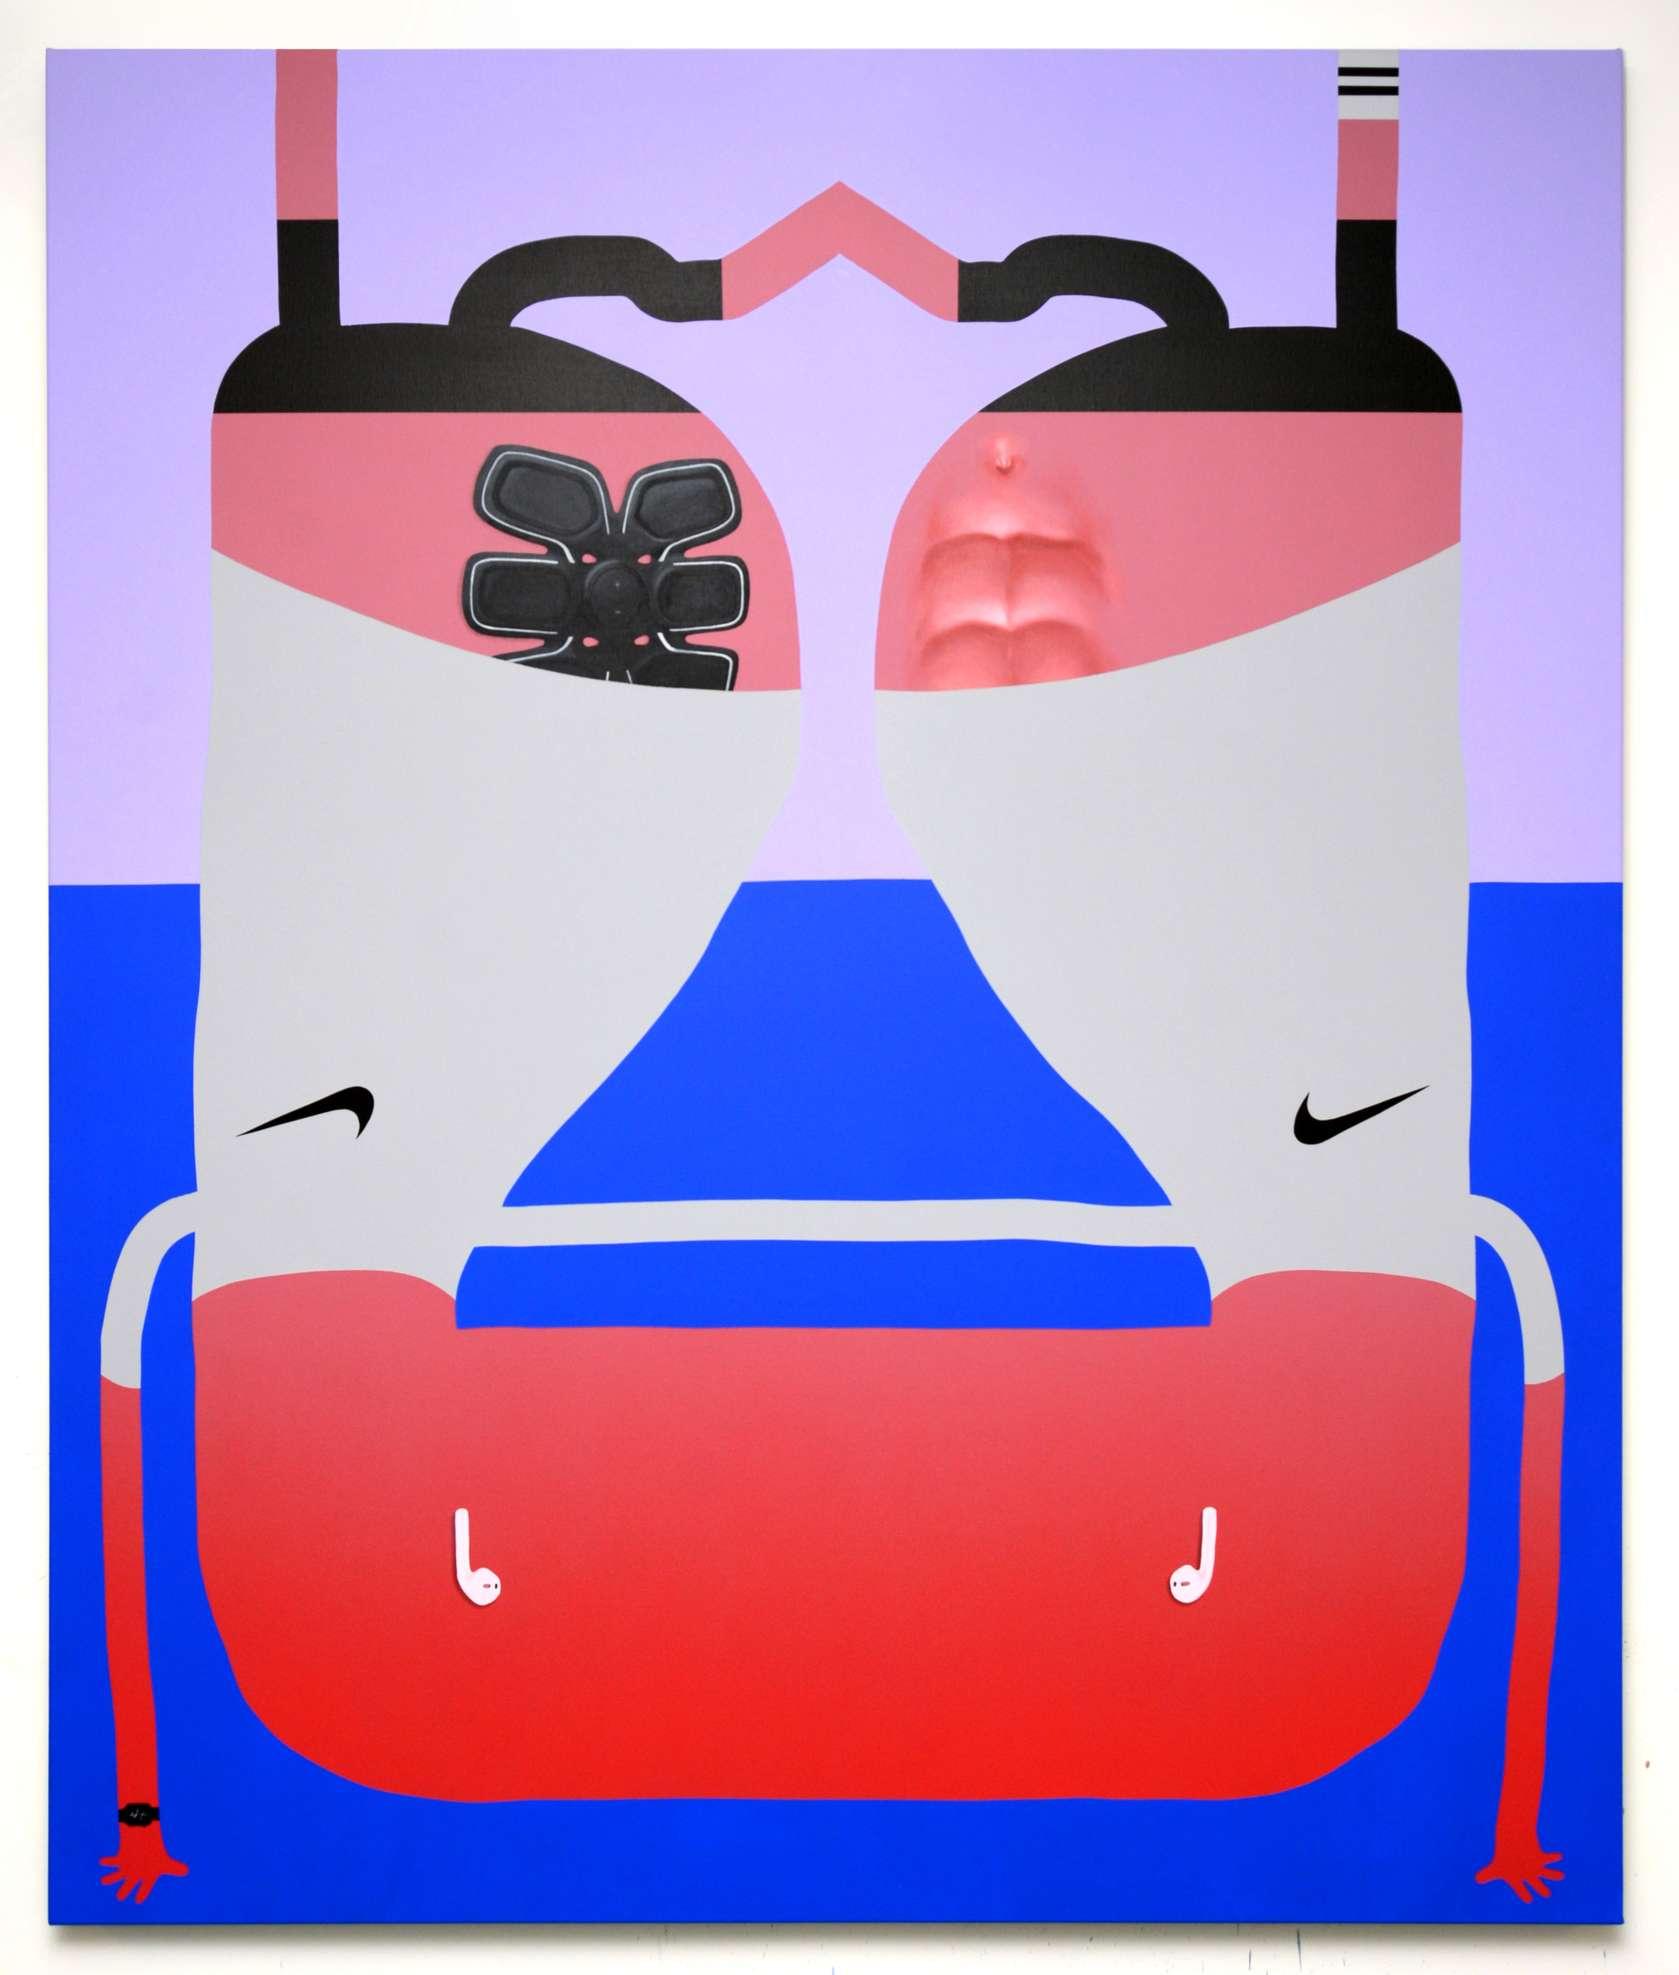 Oli Epp, Abnormal Adonis, 2018 Huile, acrylique et peinture aérosol sur toile180 × 150 cm / 70 7/8 × 59  in.